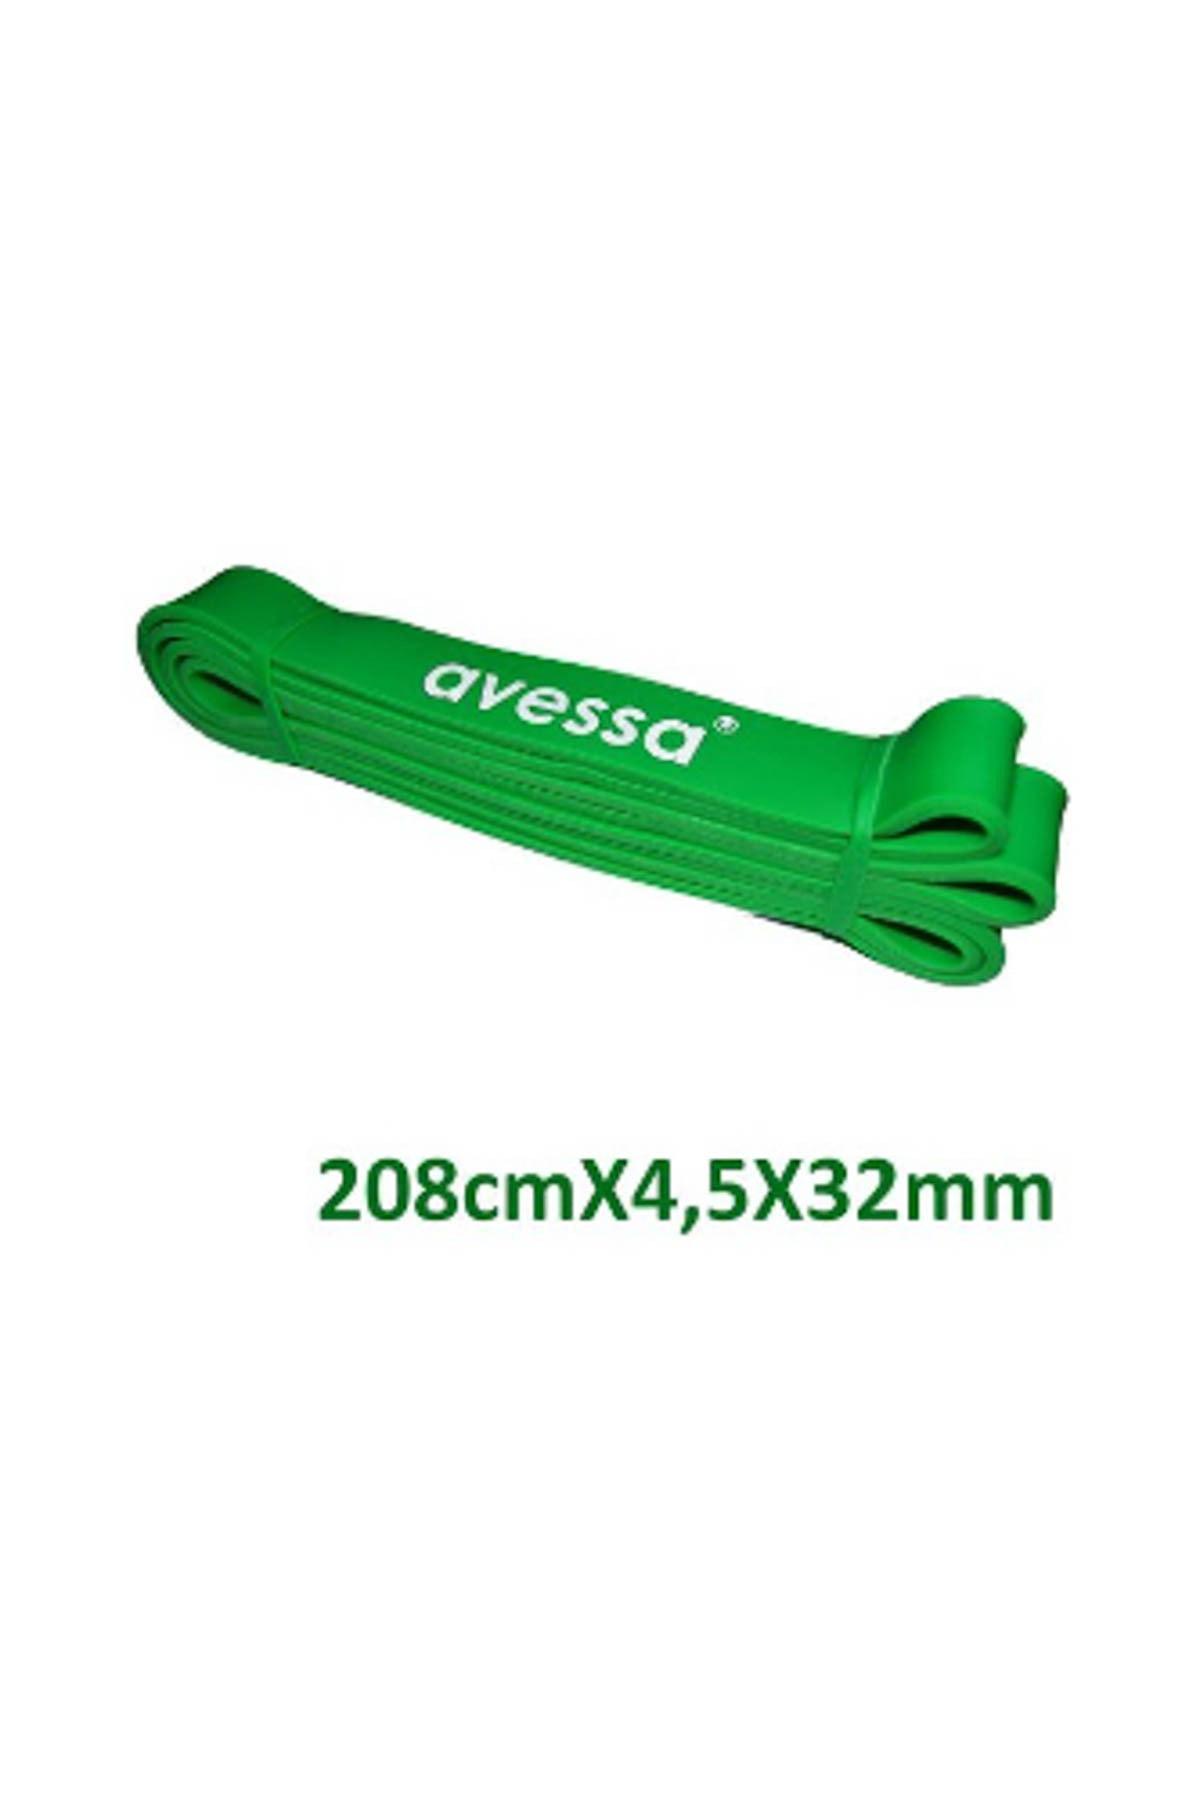 AVESSA Latex Güç Bandı Direnç Lastiği Yeşil Lpb32 1